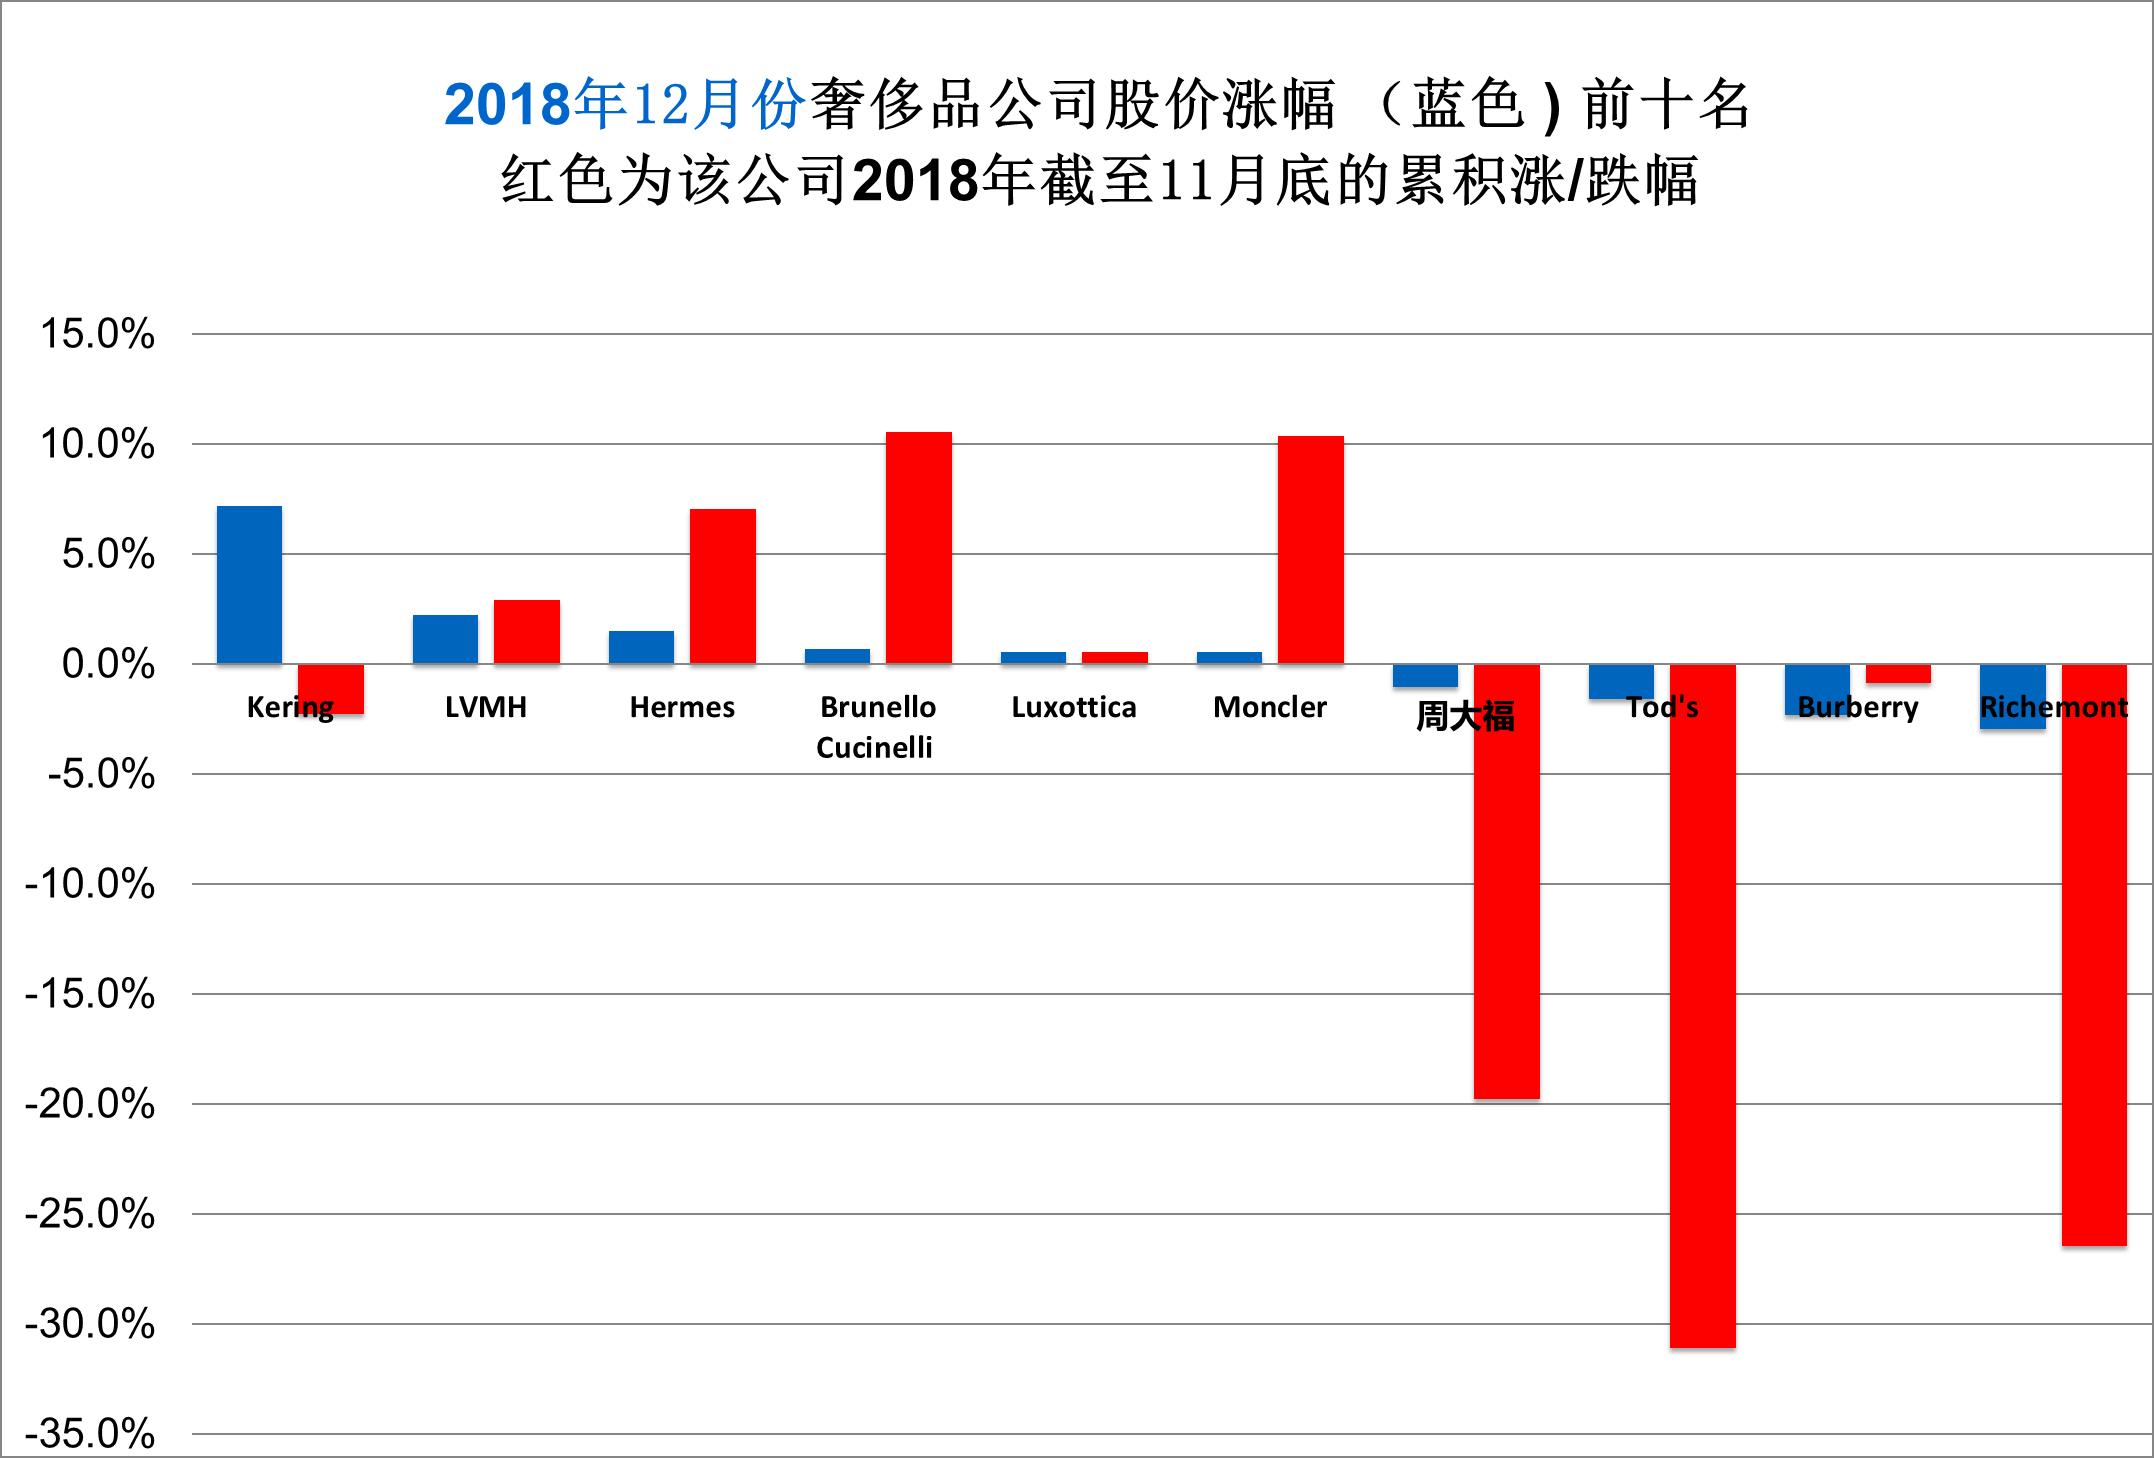 华丽志奢侈品股票月度排行榜(2018年12月)